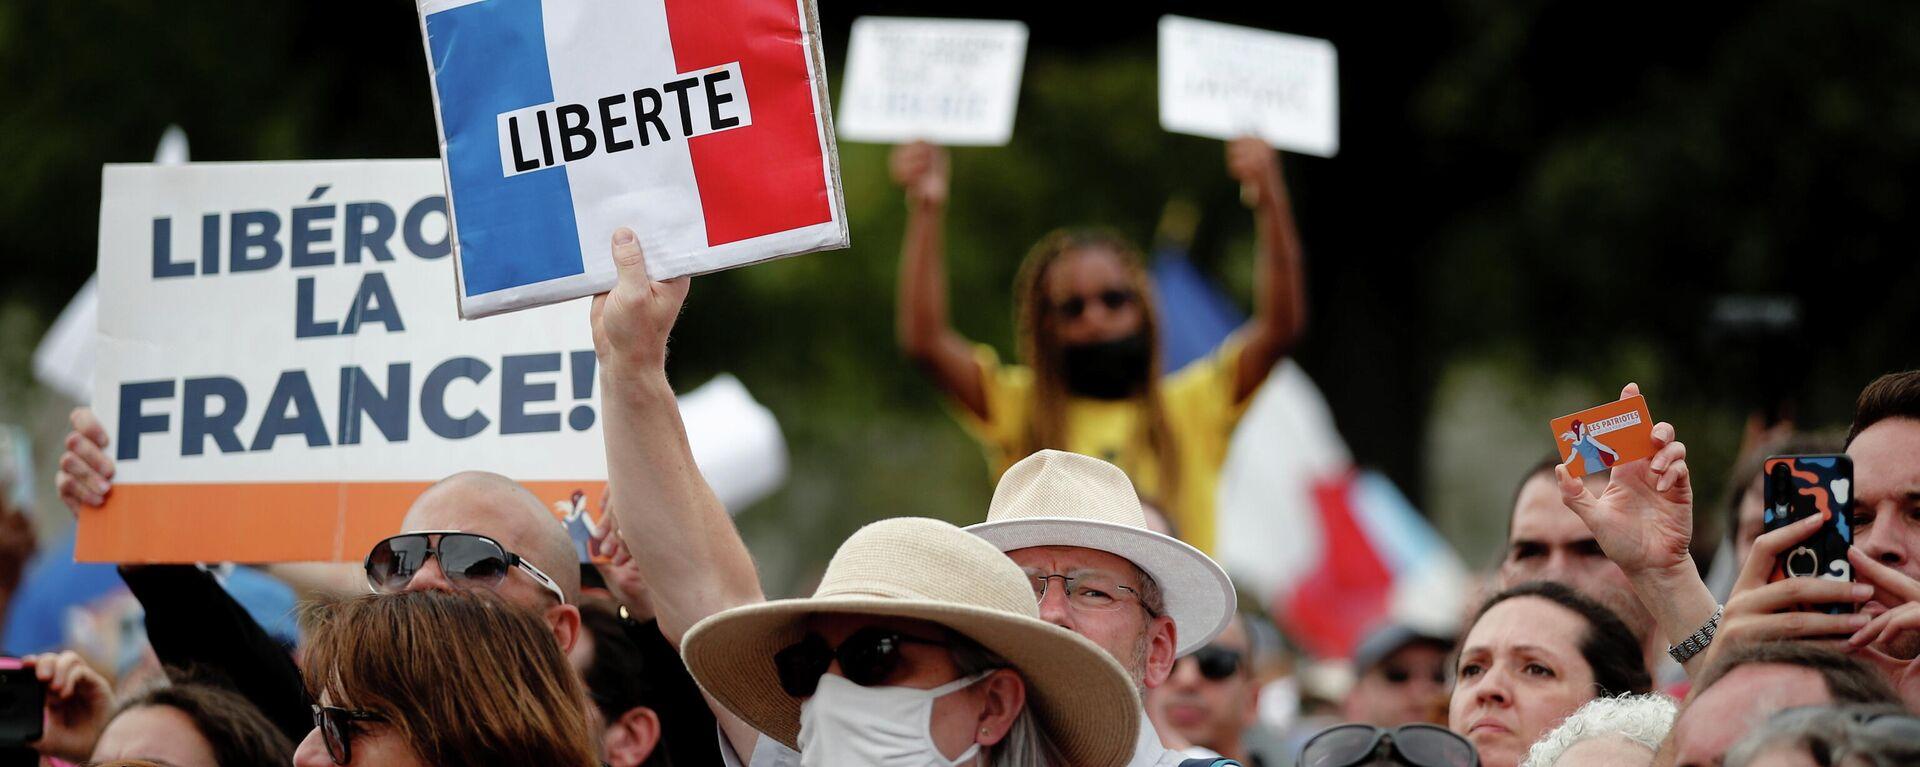 Menschen bei einem Demo gegen Corona-Pässe in Paris - SNA, 1920, 08.08.2021